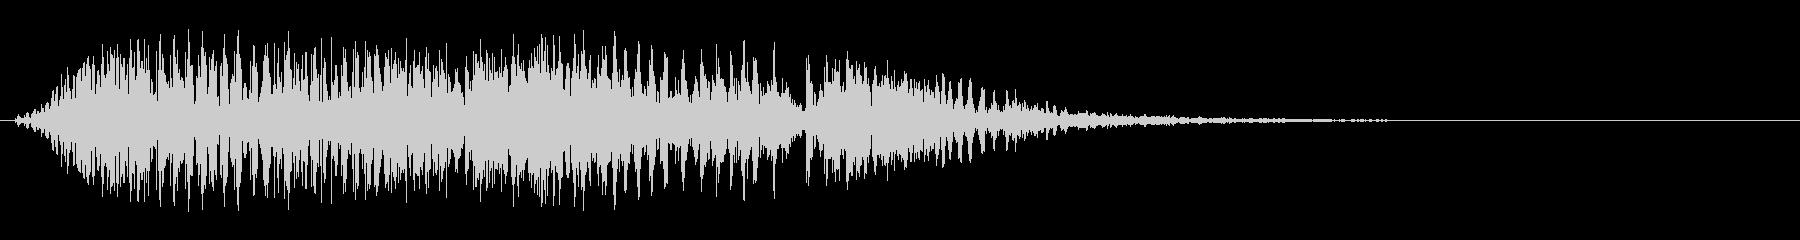 カートゥーンな軋む音の未再生の波形